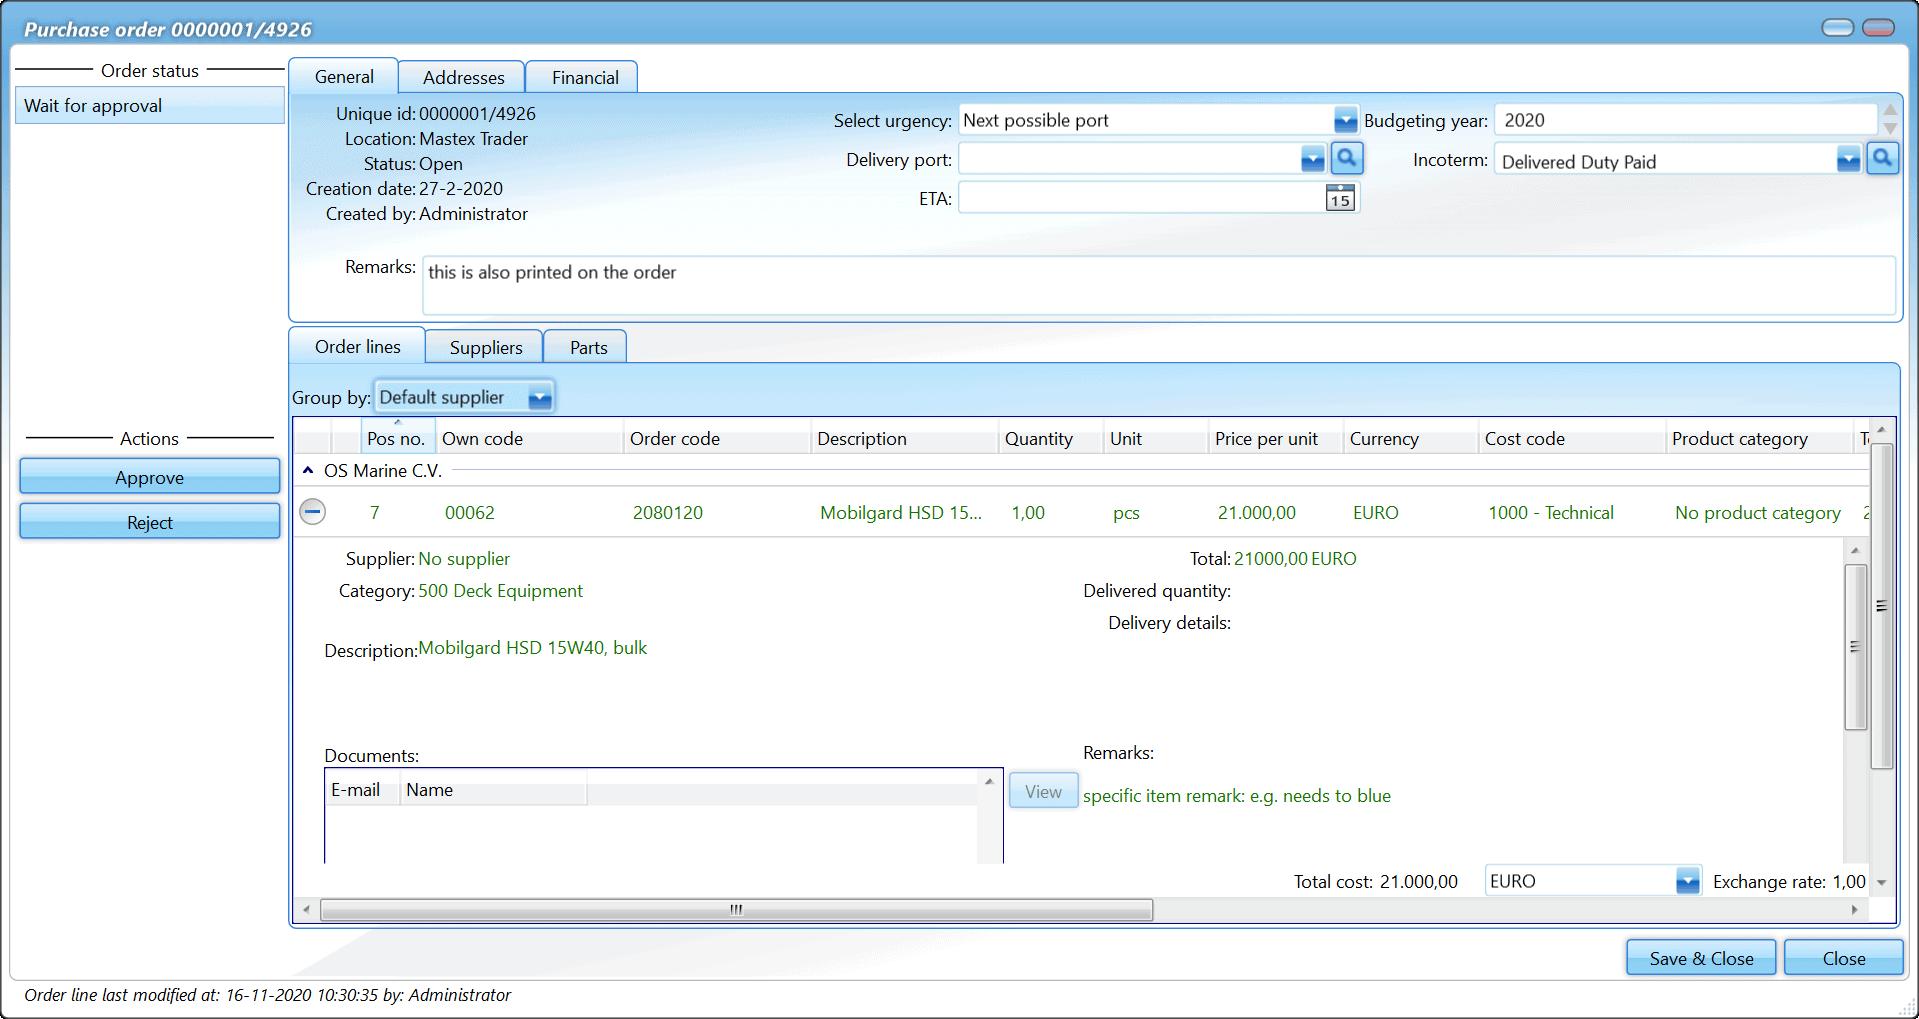 Inköp - orderinformation